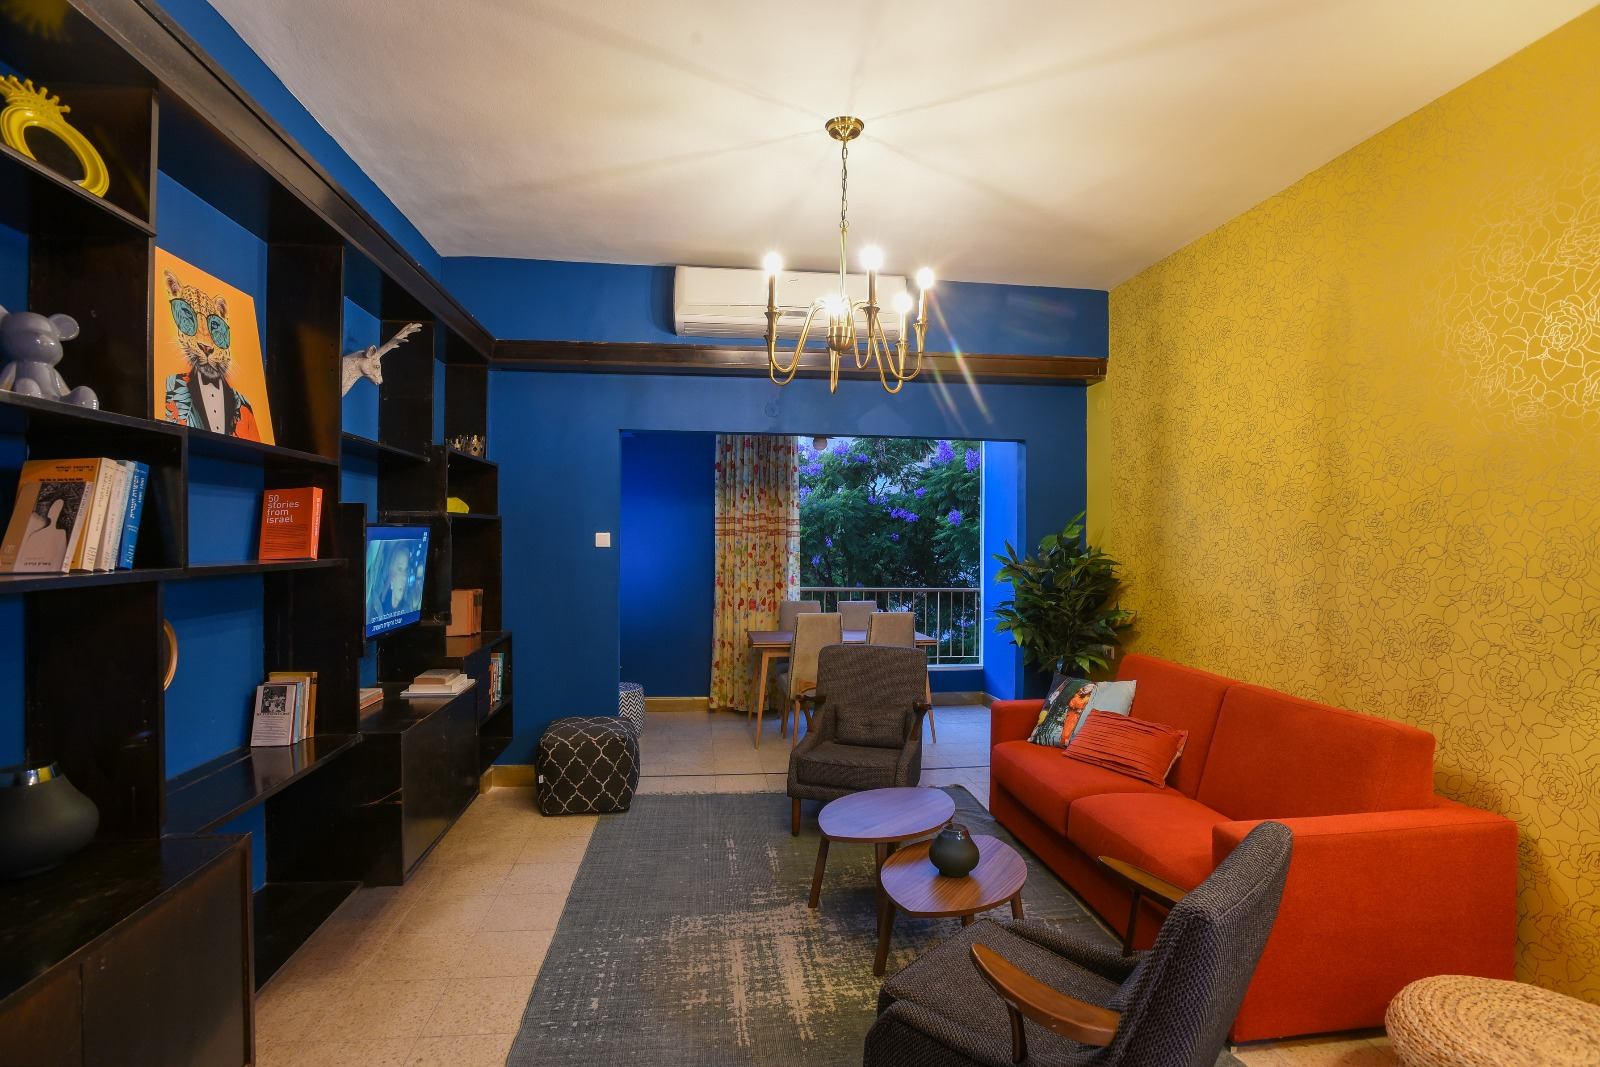 דירה להשכרה לתקופה קצרה  3 חדרים !price$ ללילה, תל אביב